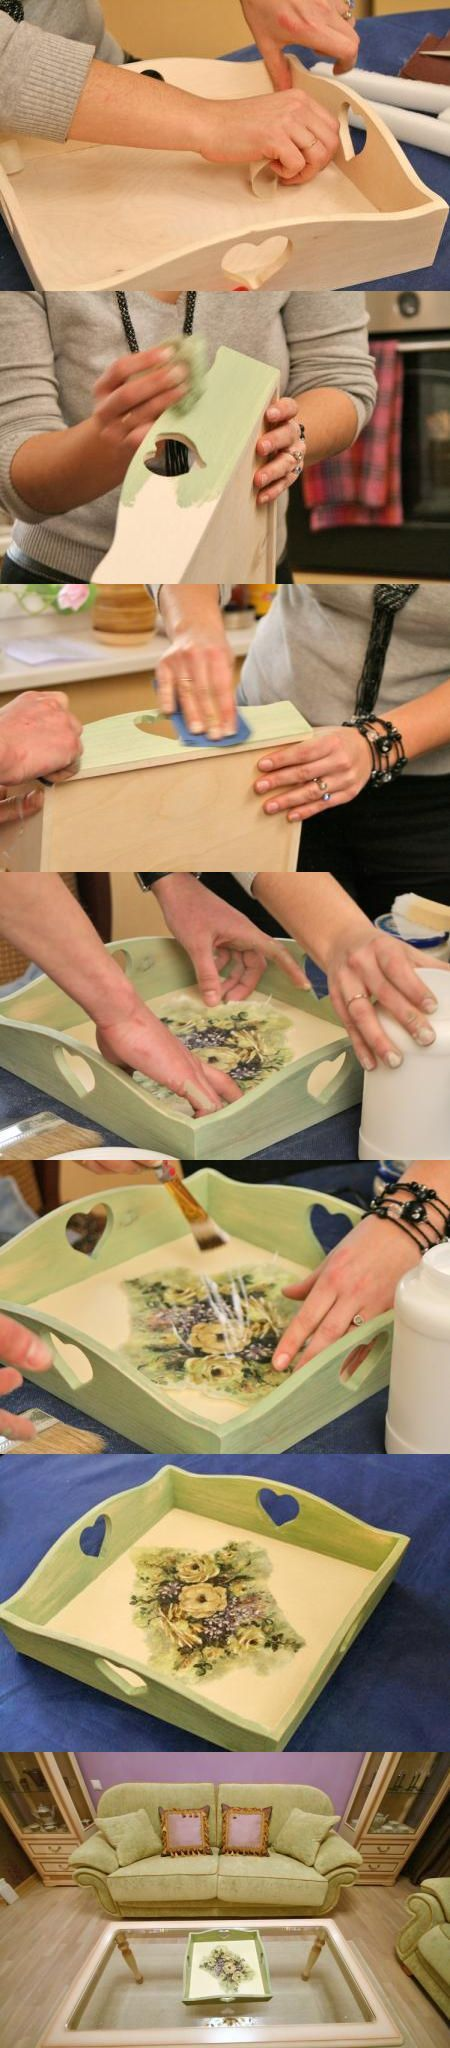 Декупаж - Сайт любителей декупажа - DCPG.RU | Декорируем поднос декупажной картой decoupage art handmade home decor craft tutorial DIY do it yourself: